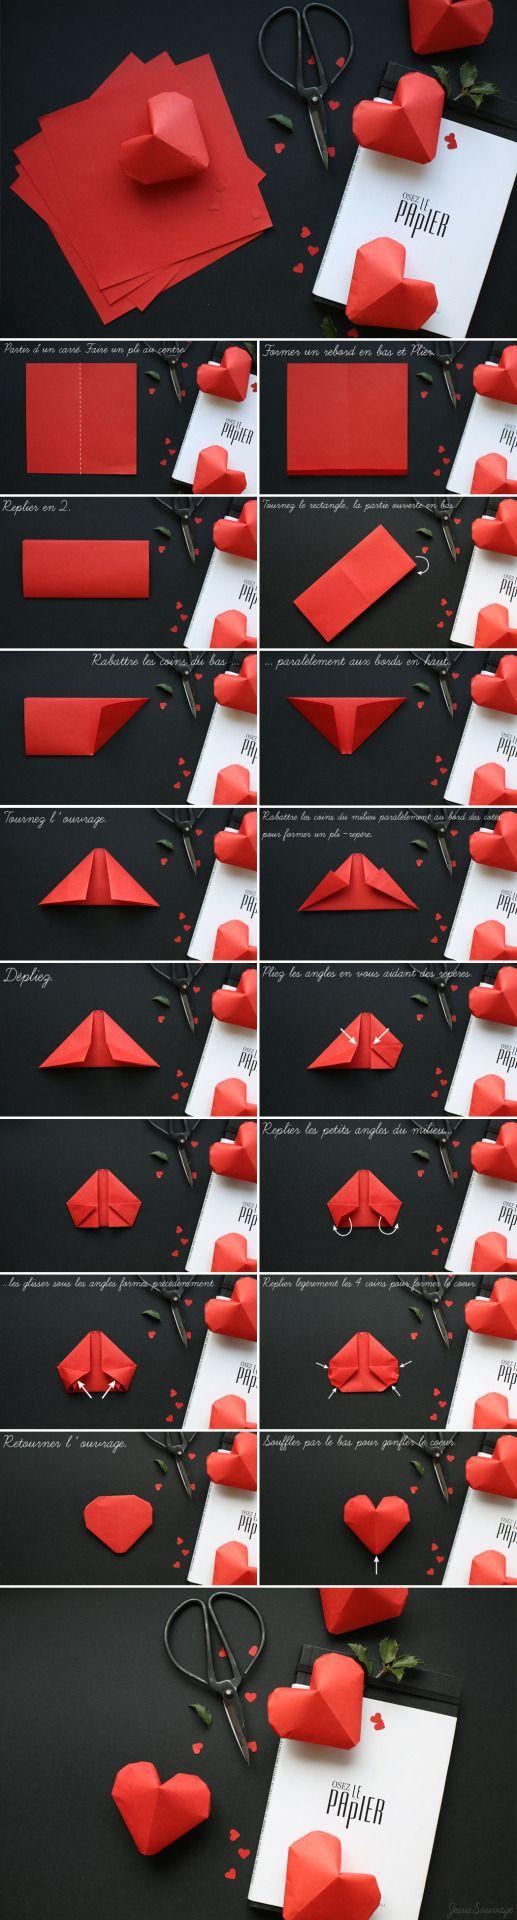 #diy #heart #ハート #折り紙(Via: HAUT LES COEURS ! #DIY )へぇ...ハートも結構きれいに、立体的に折り紙で作れるんですね。(^^)